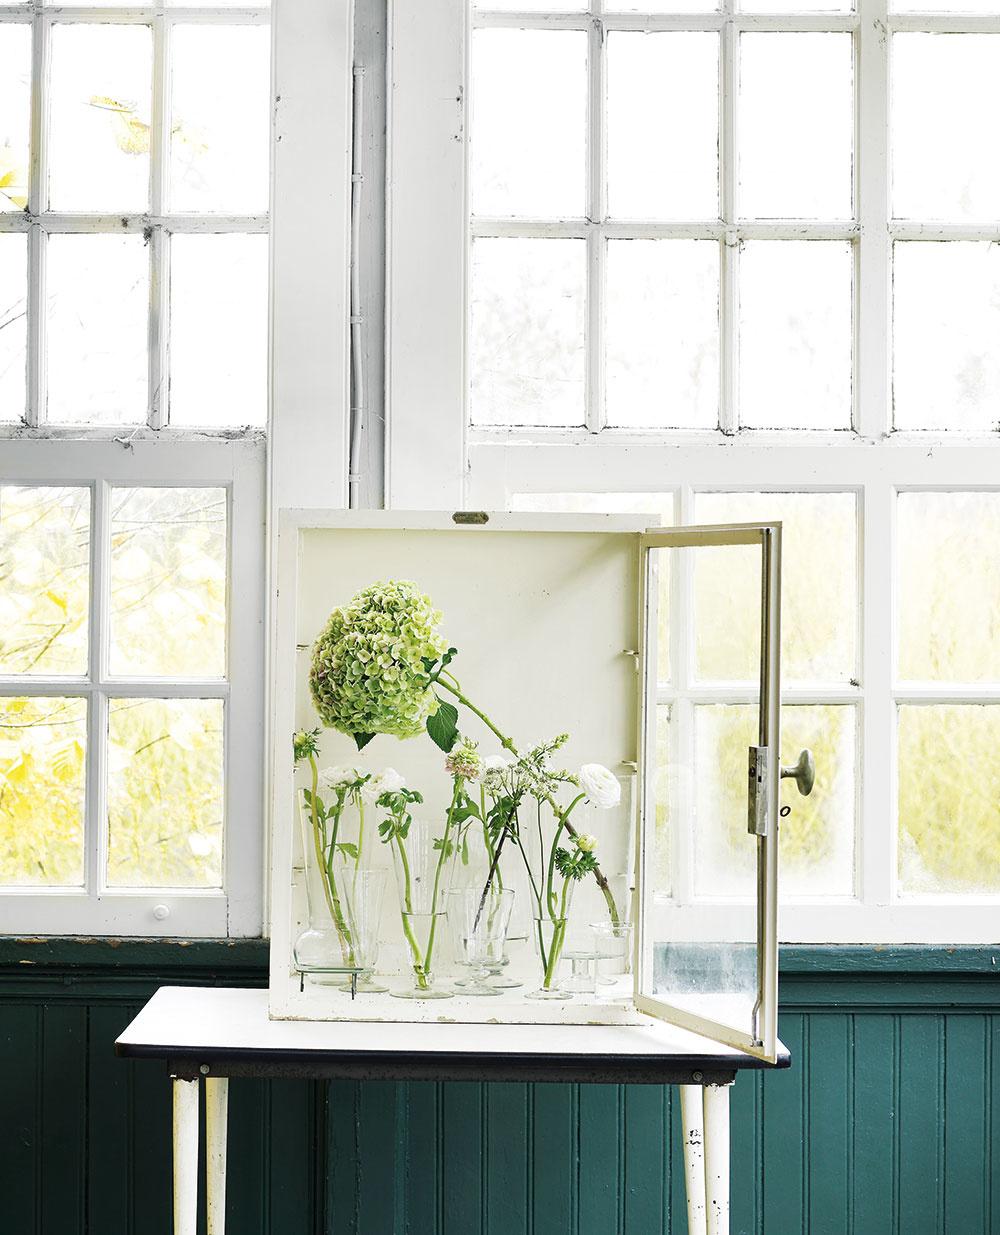 Na okne Staré a (takmer) nepotrebné okienko, vitrína alebo aj obyčajná skrinka môžu byť miestom, kde možno zhromaždiť tie najkrajšie kvety nazbierané v záhrade alebo aj na lúke a vytvoriť z nich originálnu, aj keď len dočasnú zbierku. Rôzne sklené banky, nepoužívané vázy a poháre výborne poslúžia na tento účel. Do každej nádoby dajte jeden kvet a nezabudnite do vody pridať výživu na rezané kvety. Kompozícii vyhraďte miesto bokom od dopadajúcich slnečných lúčov.